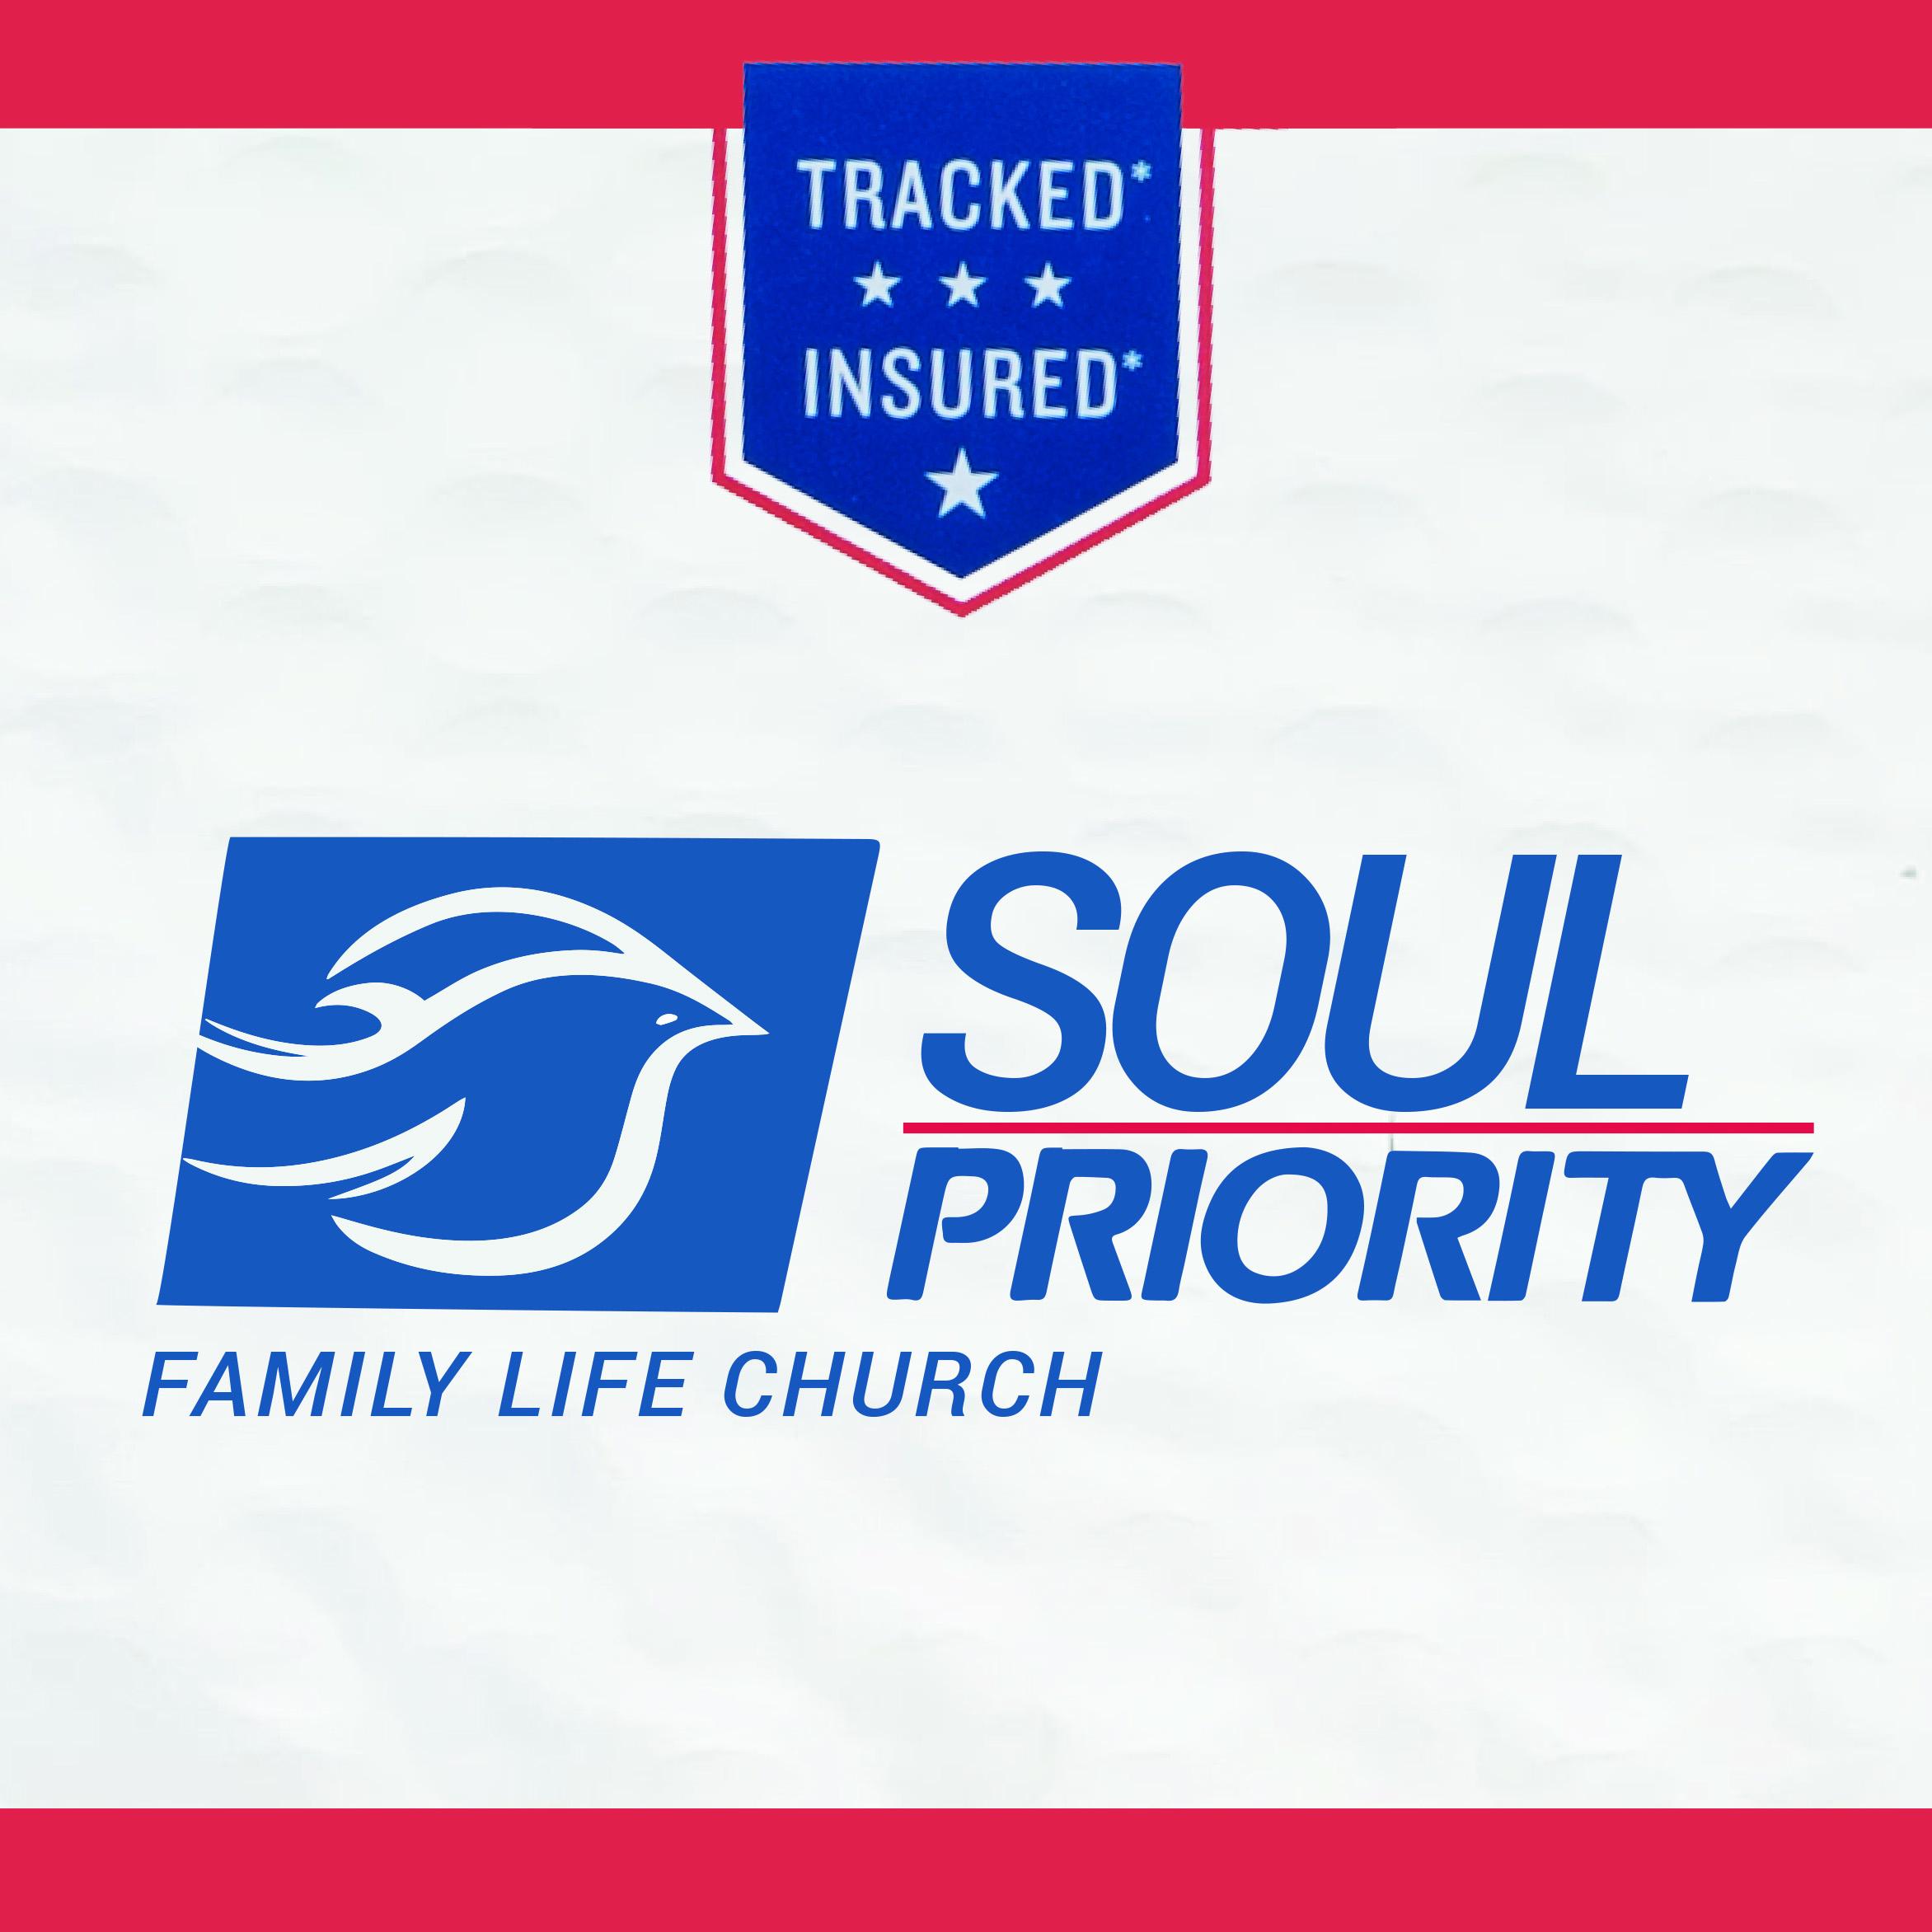 SoulPriority_SM.jpg